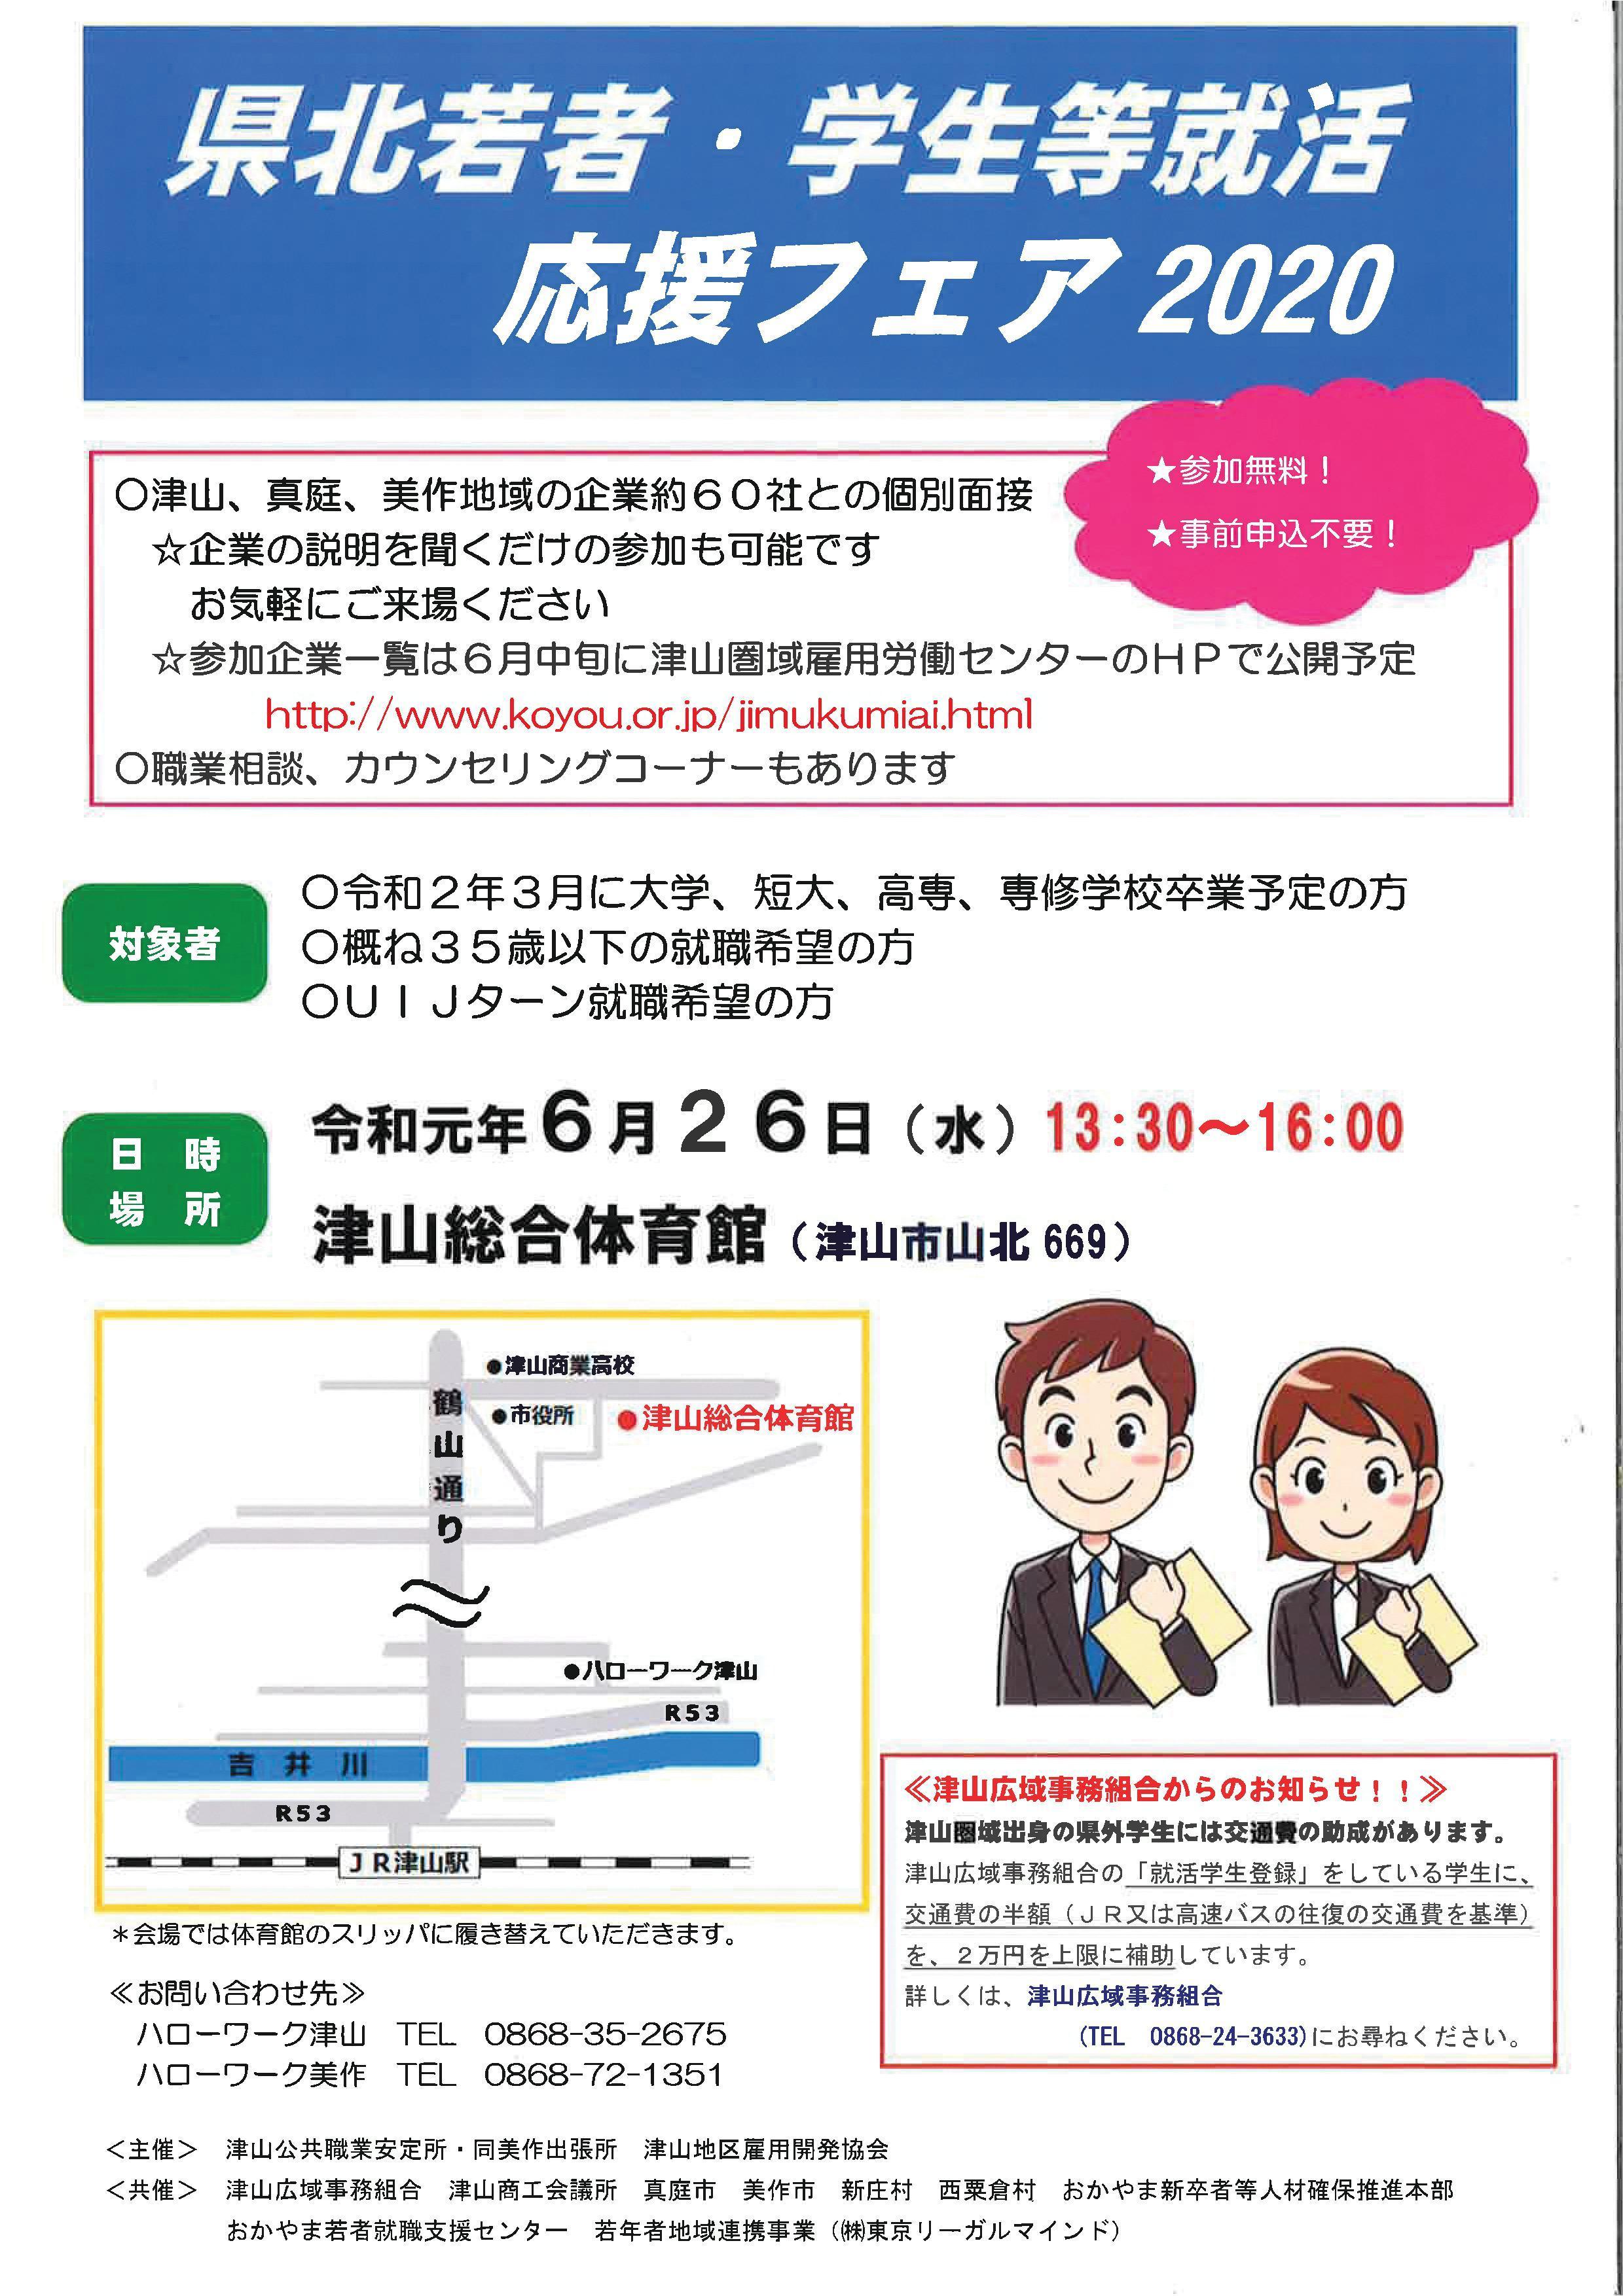 2019年6月26日(水)開催 県北若者・学生等就活応援フェア2020 のお知らせ